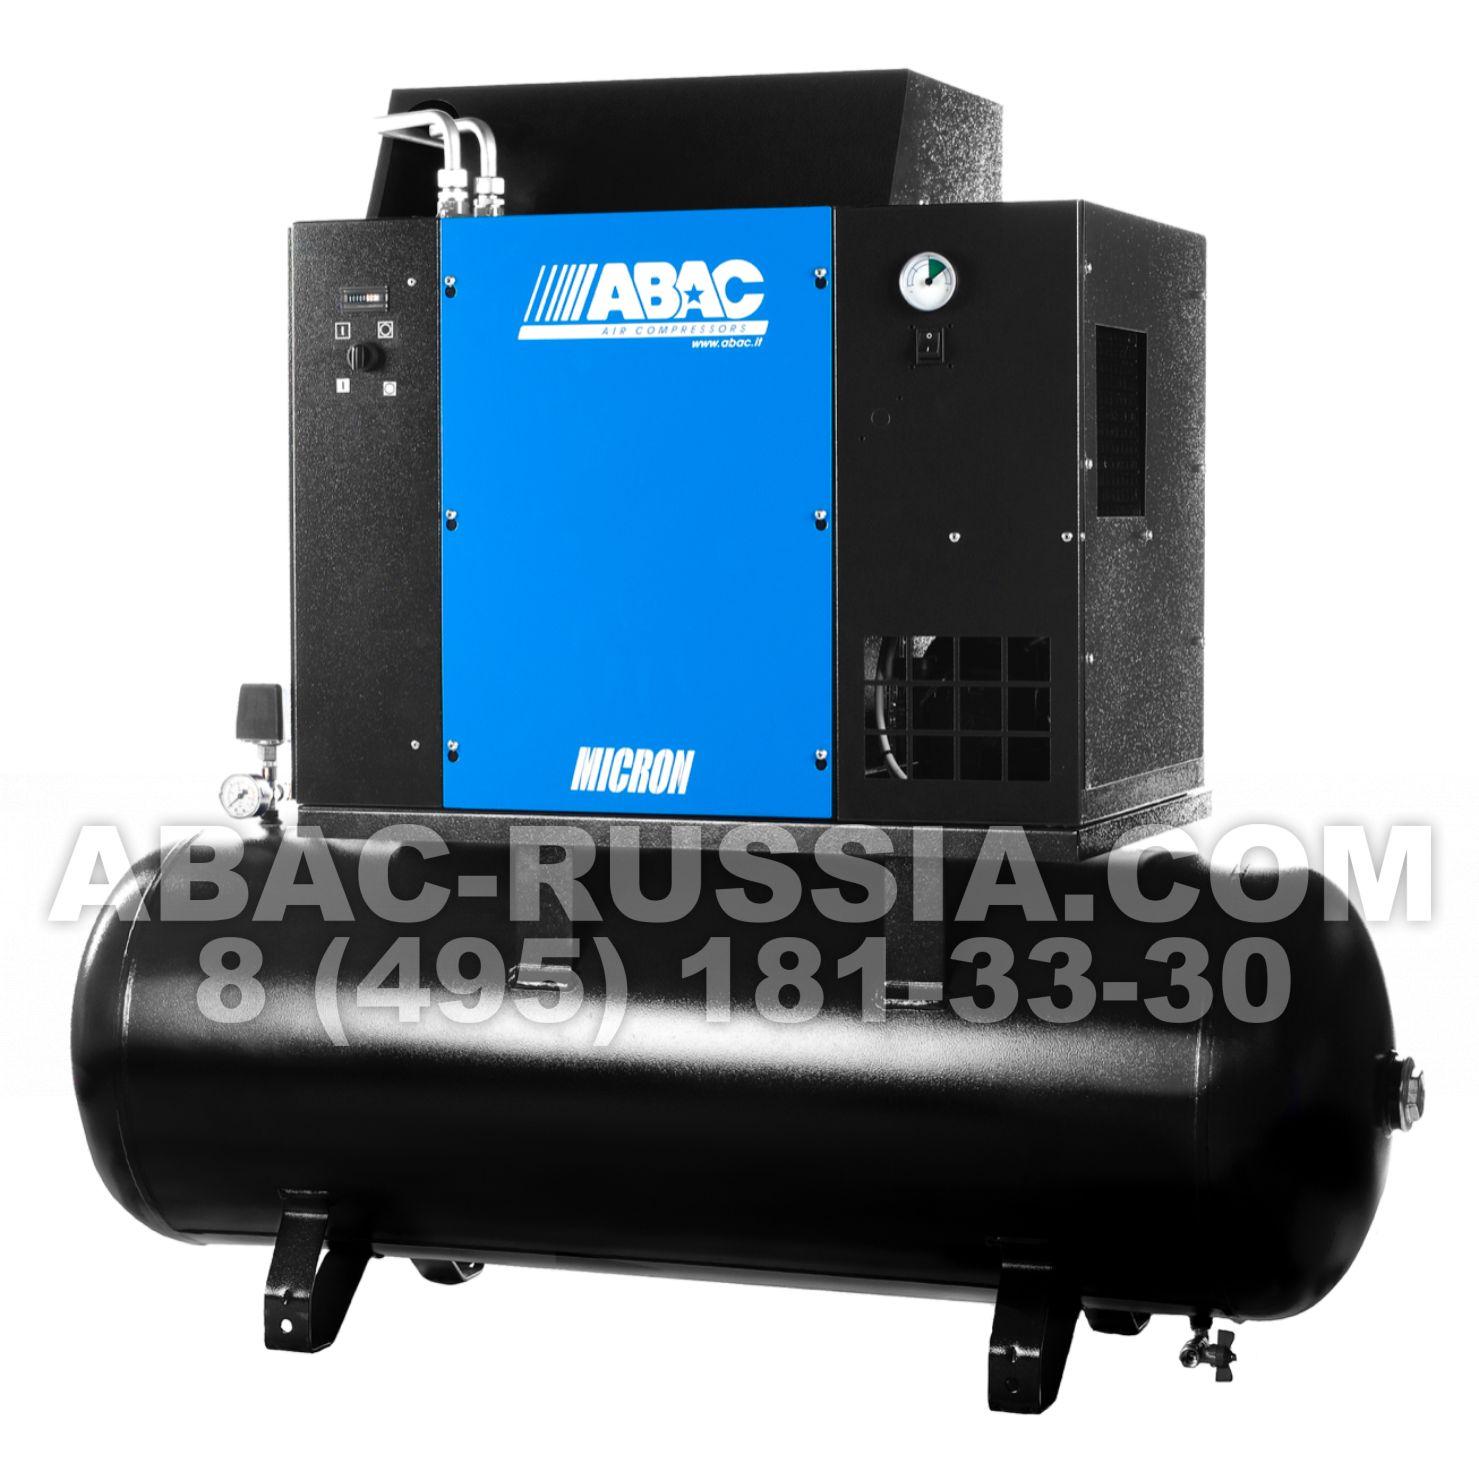 Винтовой компрессор ABAC MICRON.E 2.210 - 270 220В 4152012037